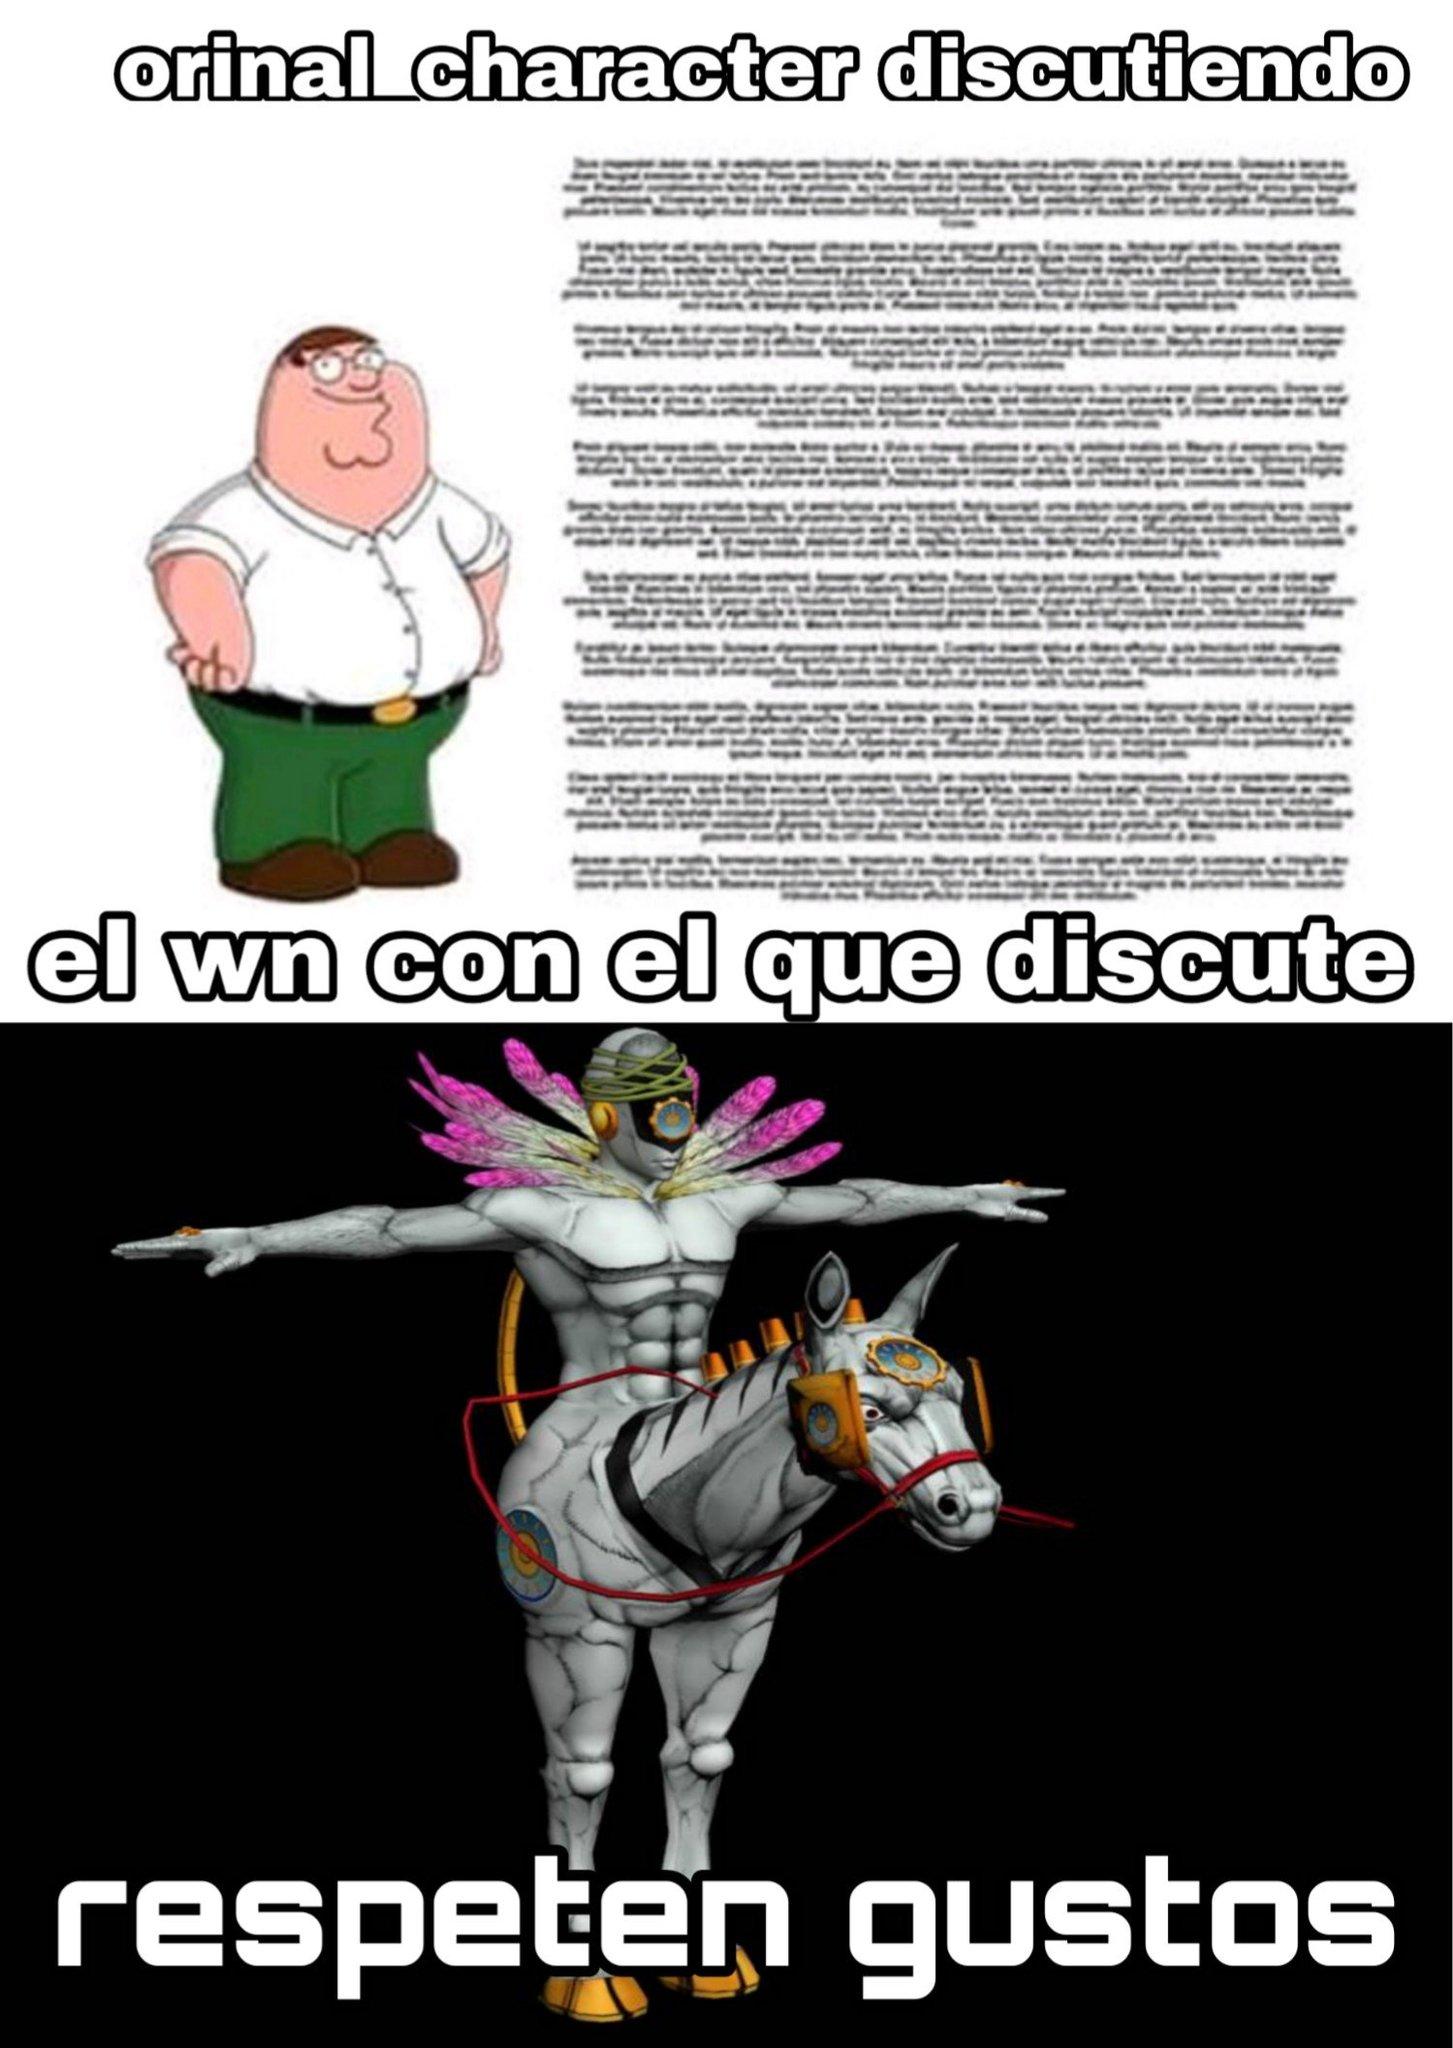 Créditos a tomas_semen digo tomas_memes